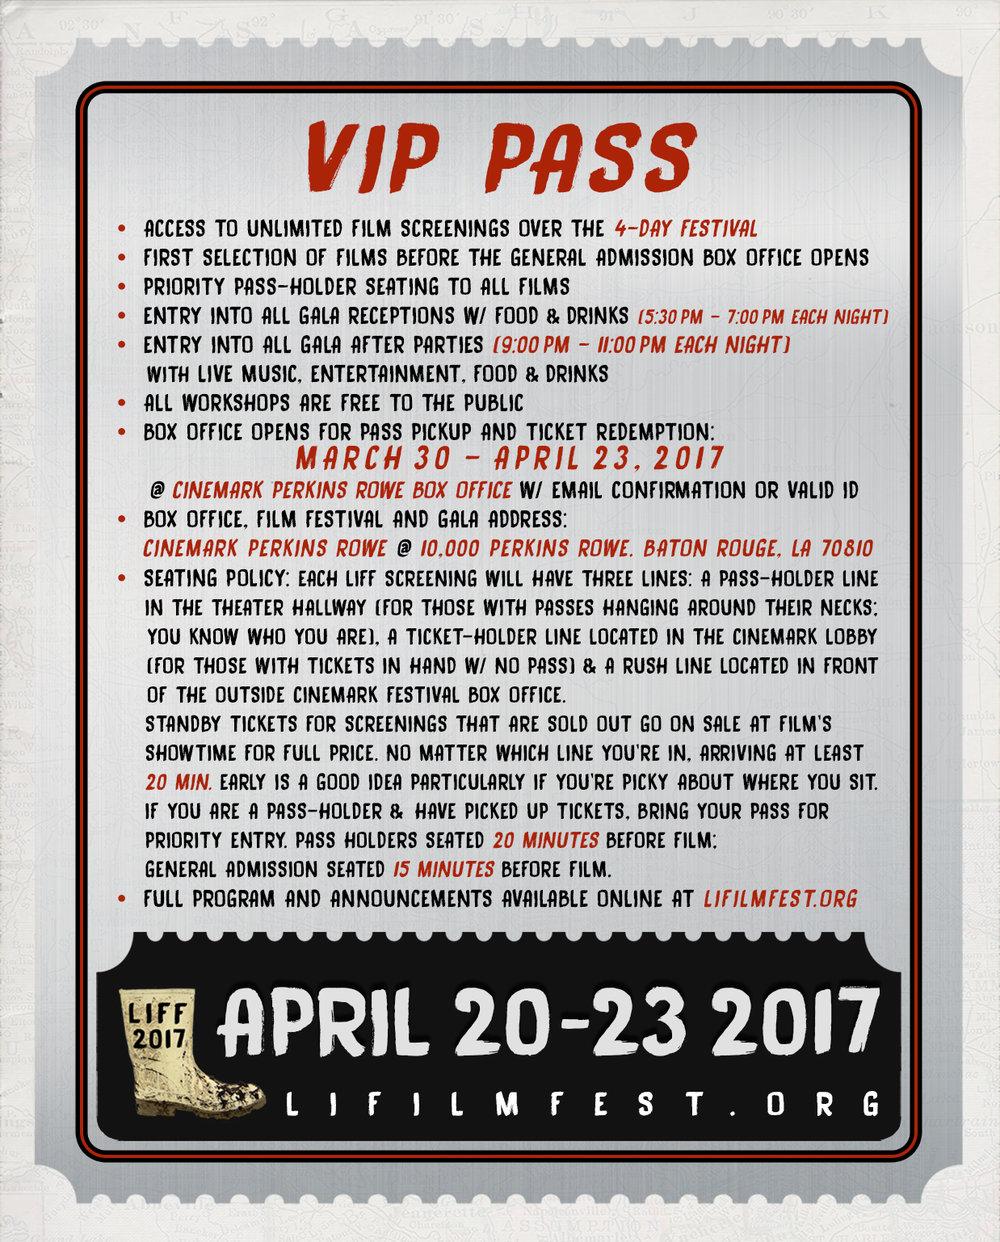 LIFF 2017 VIP PASS (back2).jpg